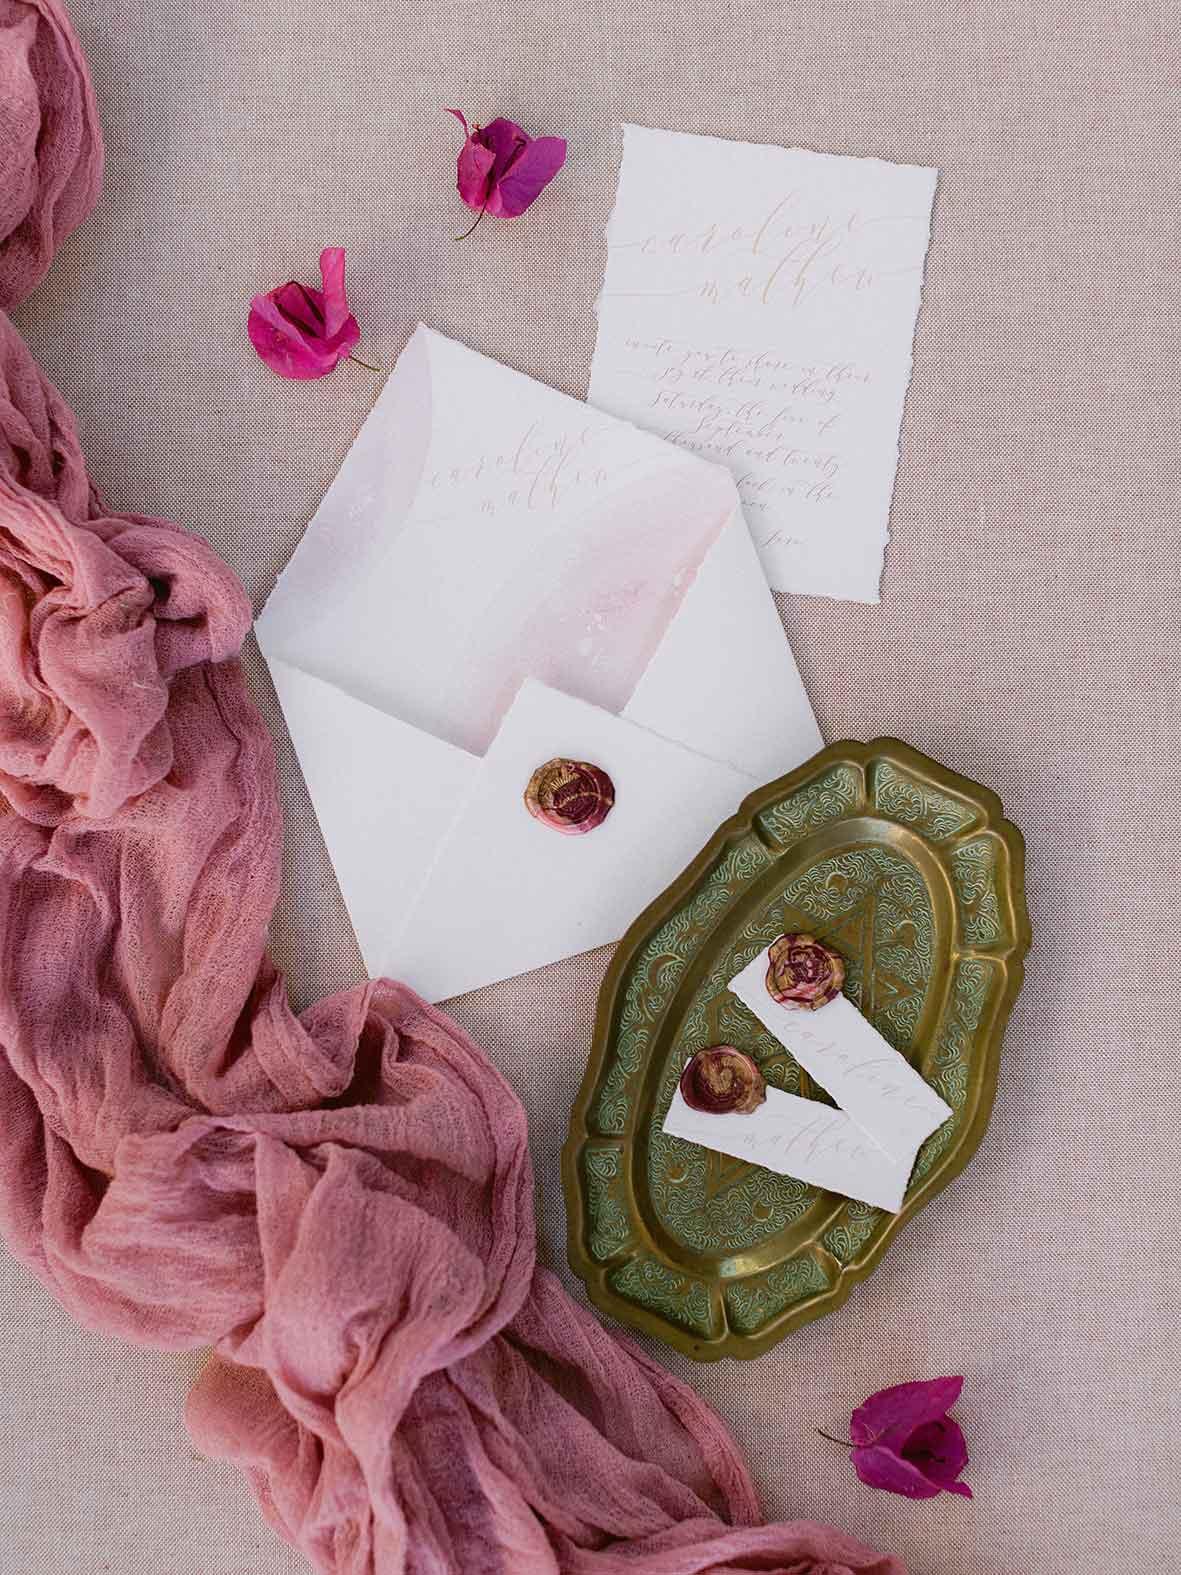 Convite-de-casamento-fine-art-por-A-Pajarita